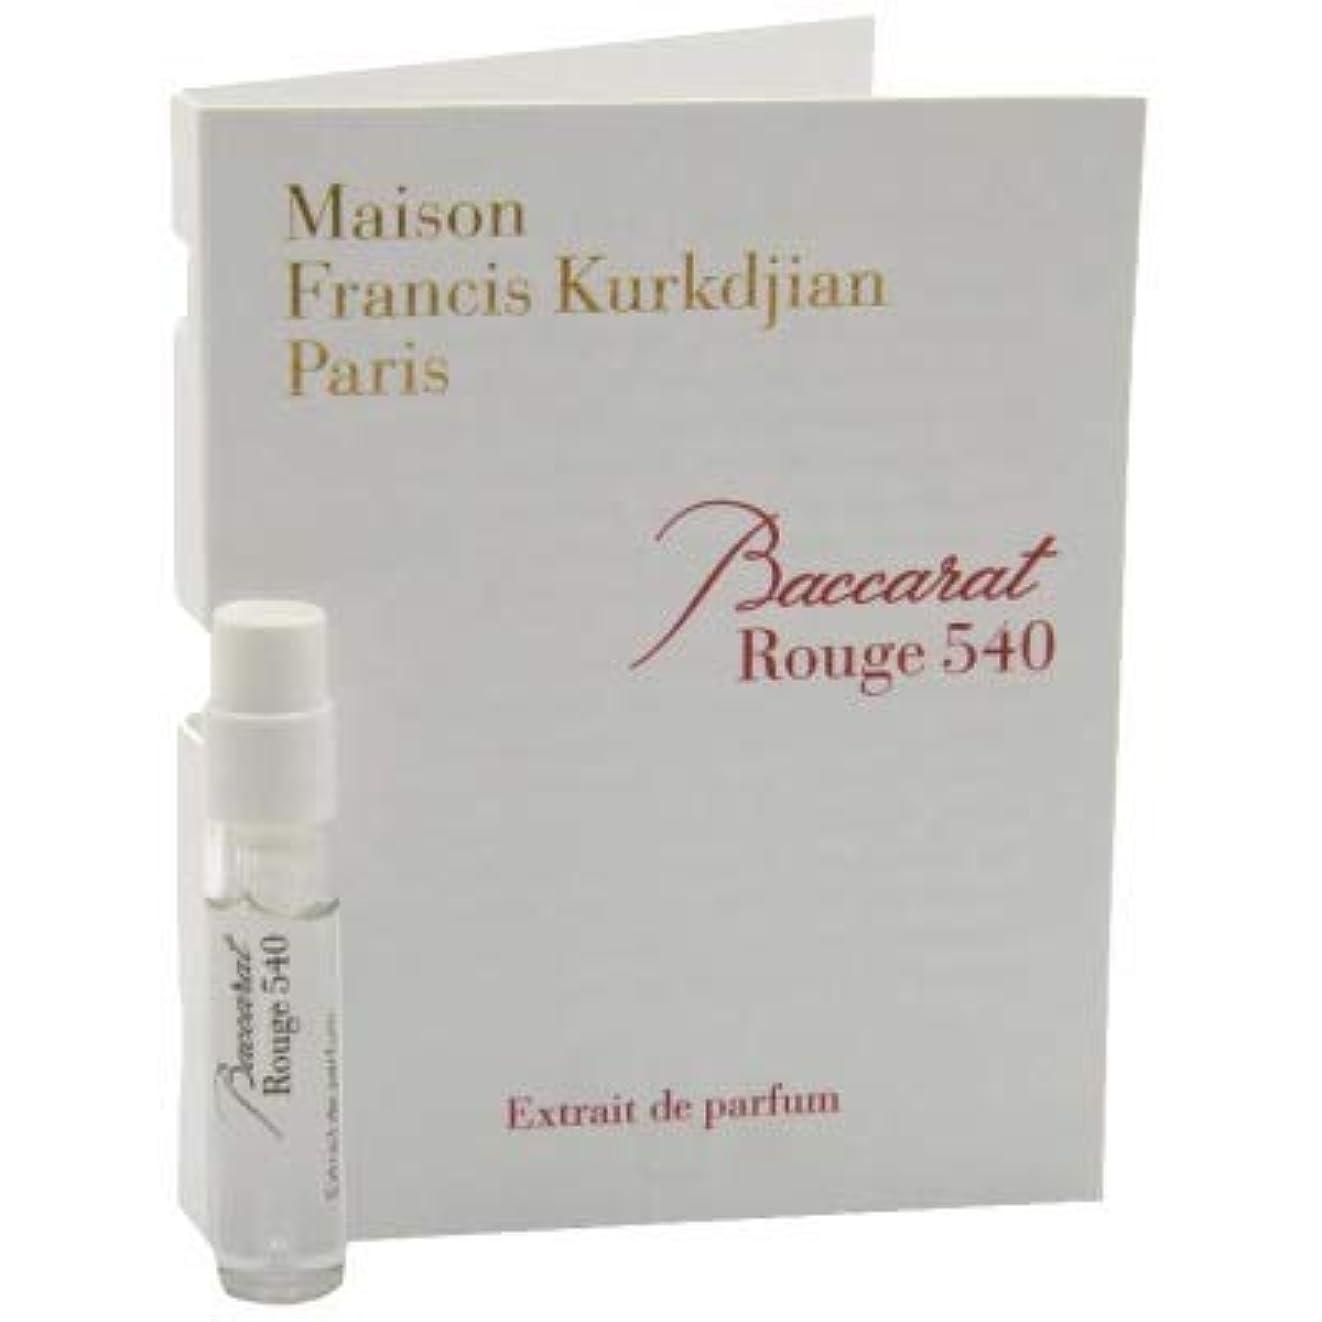 起こるスクラッチ気晴らしメゾン フランシス クルジャン バカラ ルージュ 540 エクストレ ド パルファン 2ml(Maison Francis Kurkdjian Baccarat Rouge 540 Extrait de Parfum Vial...